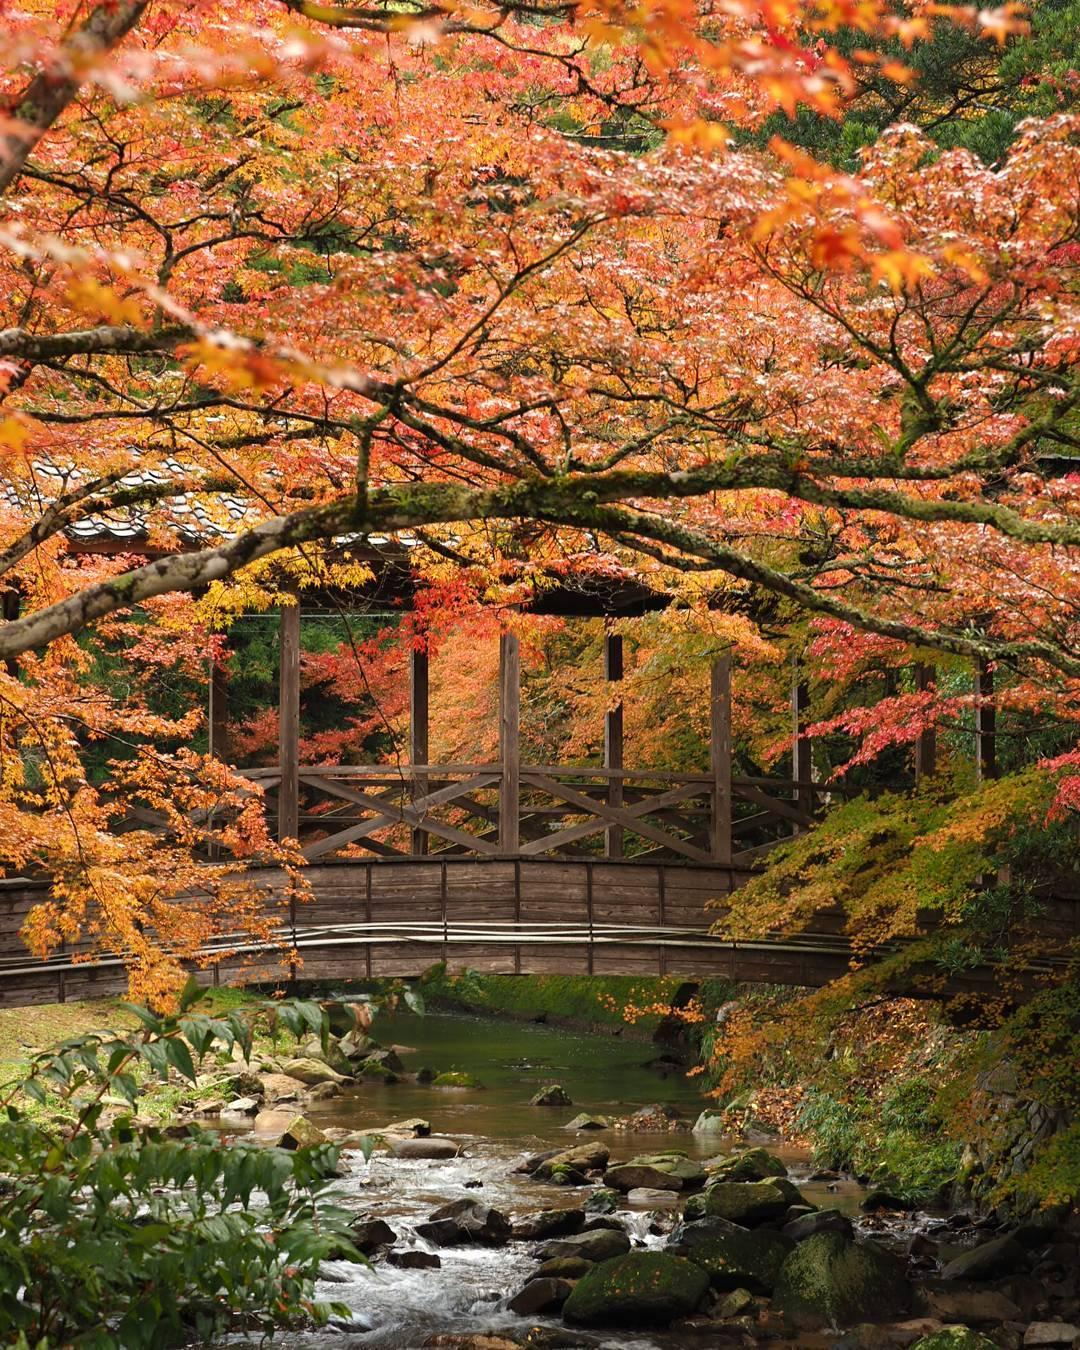 Autumn Japan 2019 hiroshima